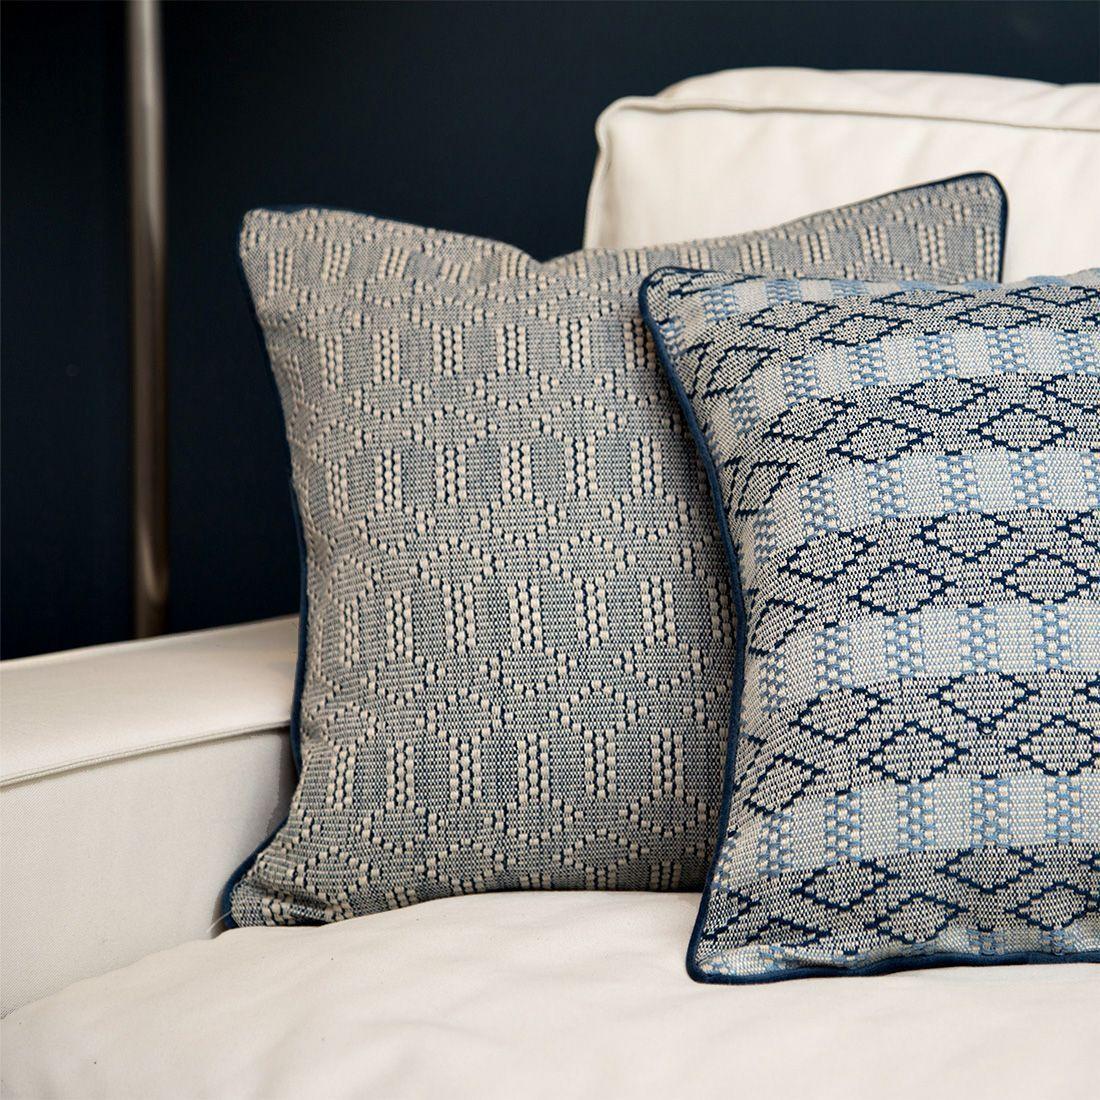 cojines-originales-fundas-de cojines-color-azul-tejidos-geométricos-terciopelo-azul-45x45mystura